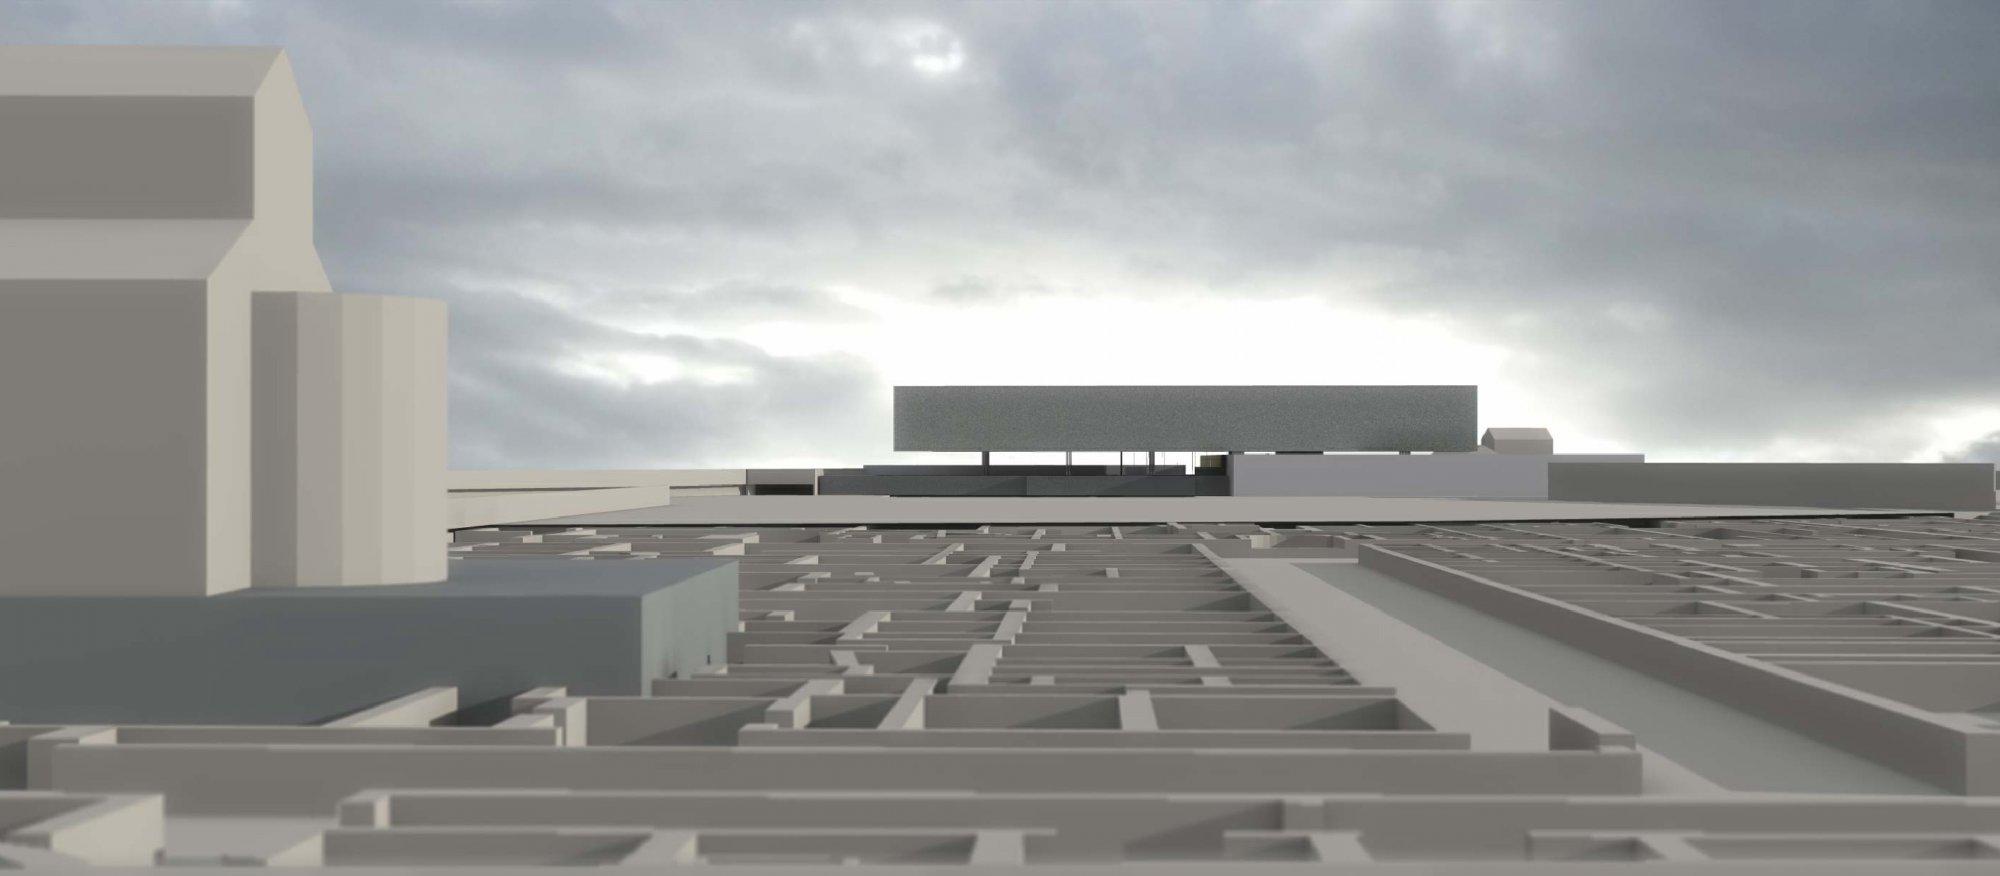 Le futur mus e arch ologique de mariana sur arte ville for Architecture projet